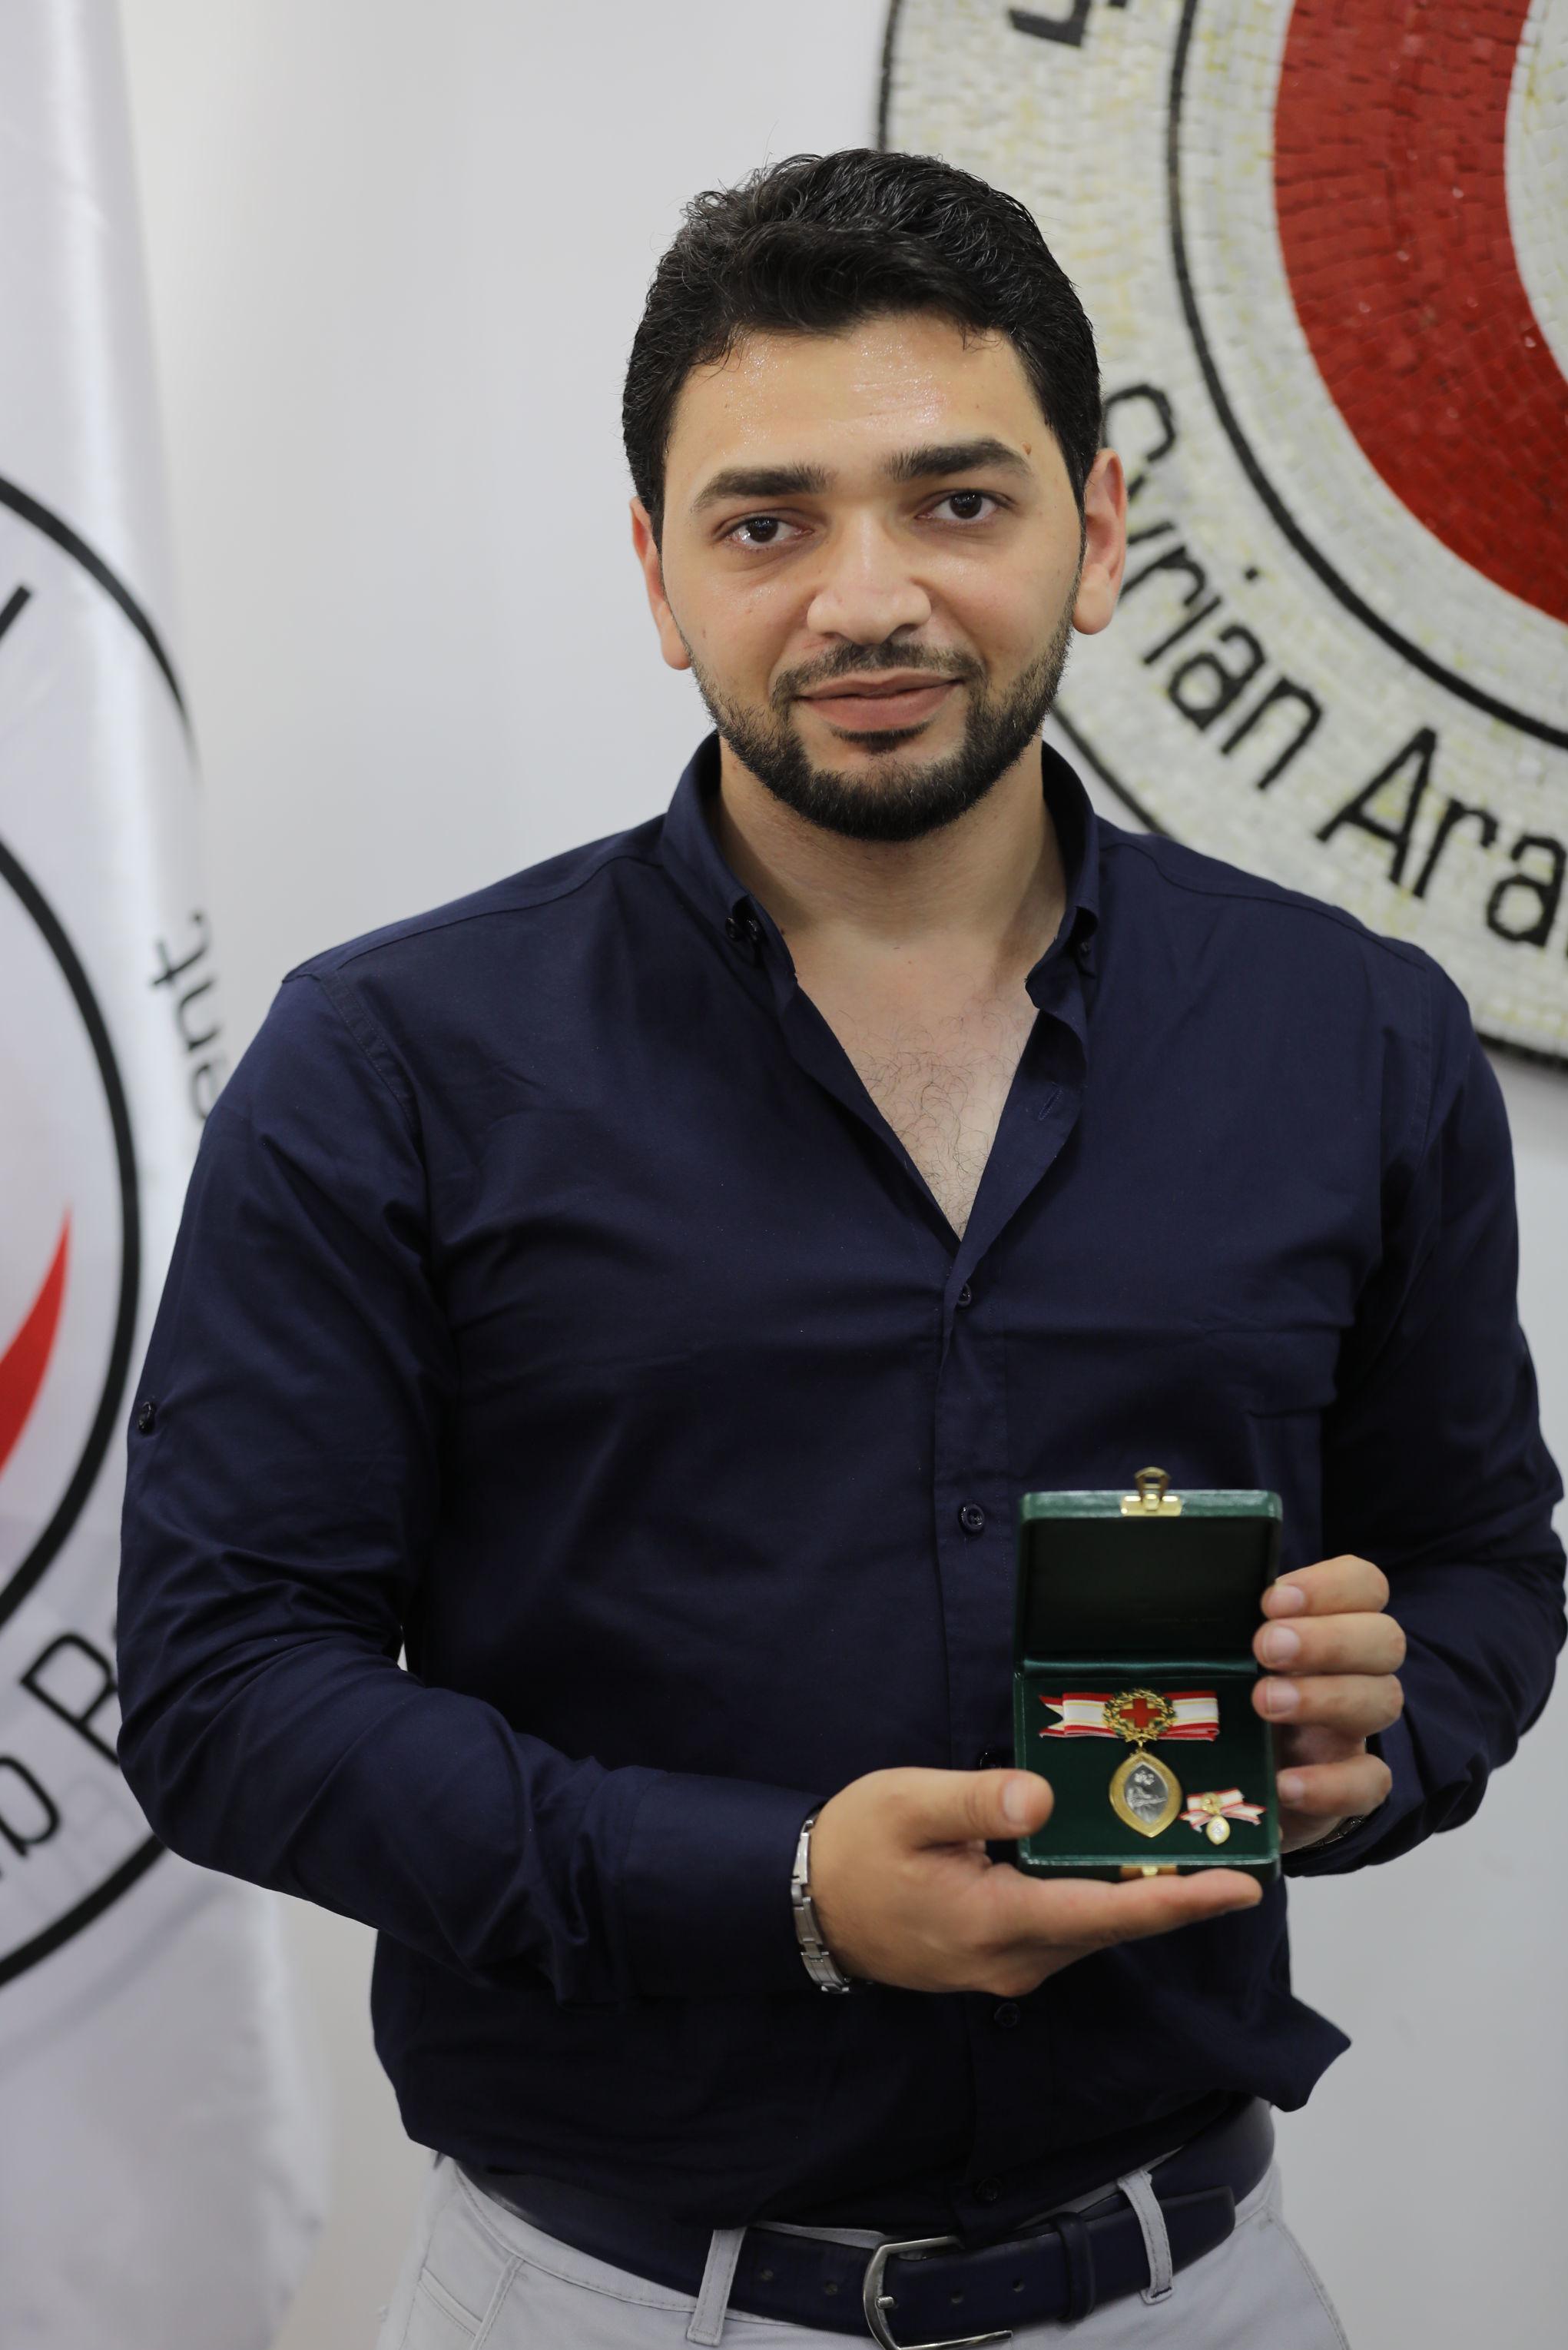 الصليب الأحمر يمنح مسعفا سوريا أعلى وسام دولي للممرضين